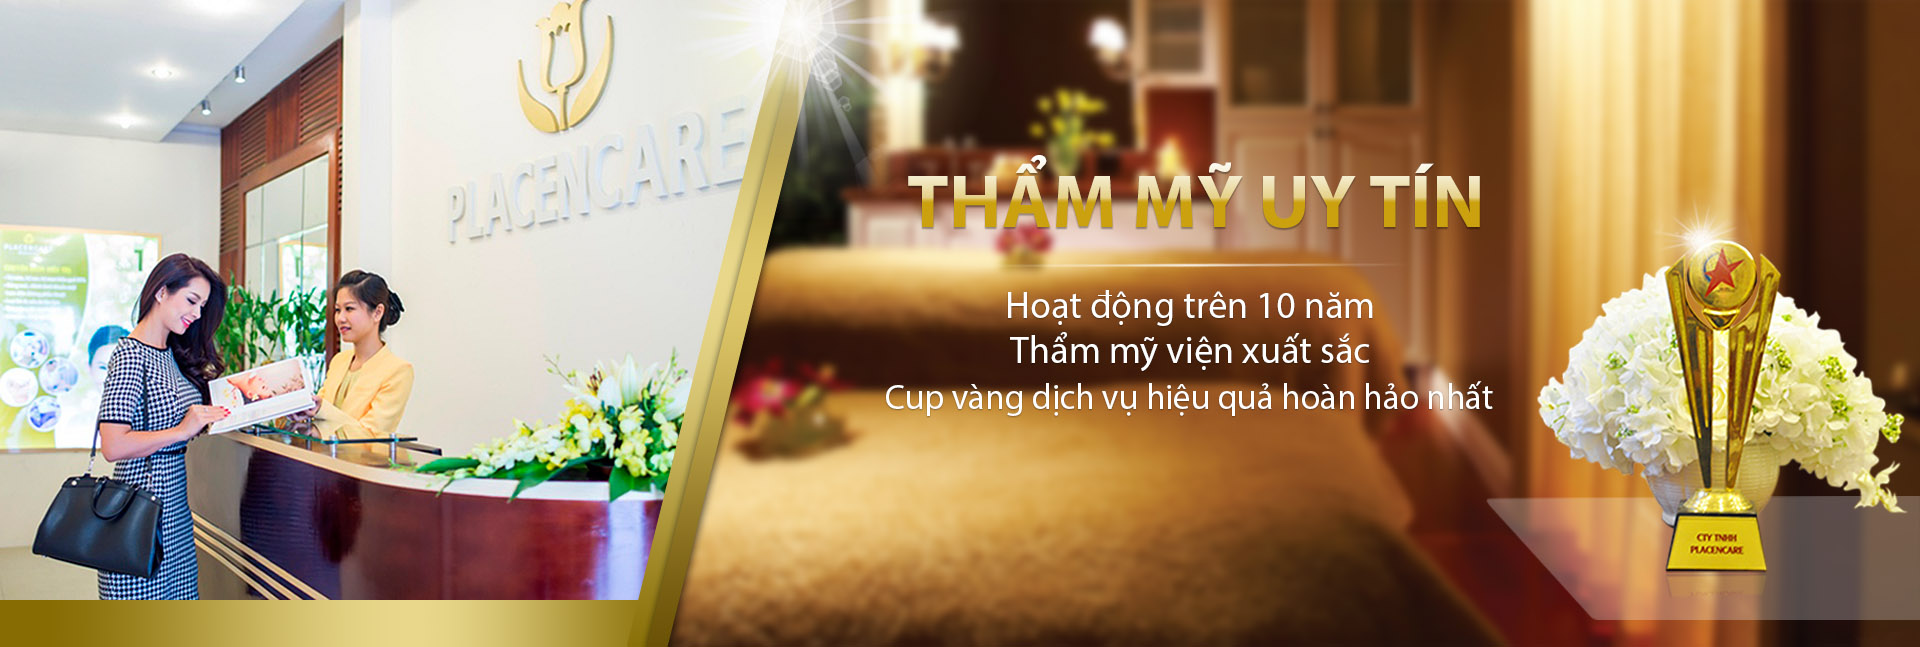 tham-my-uy-tin21